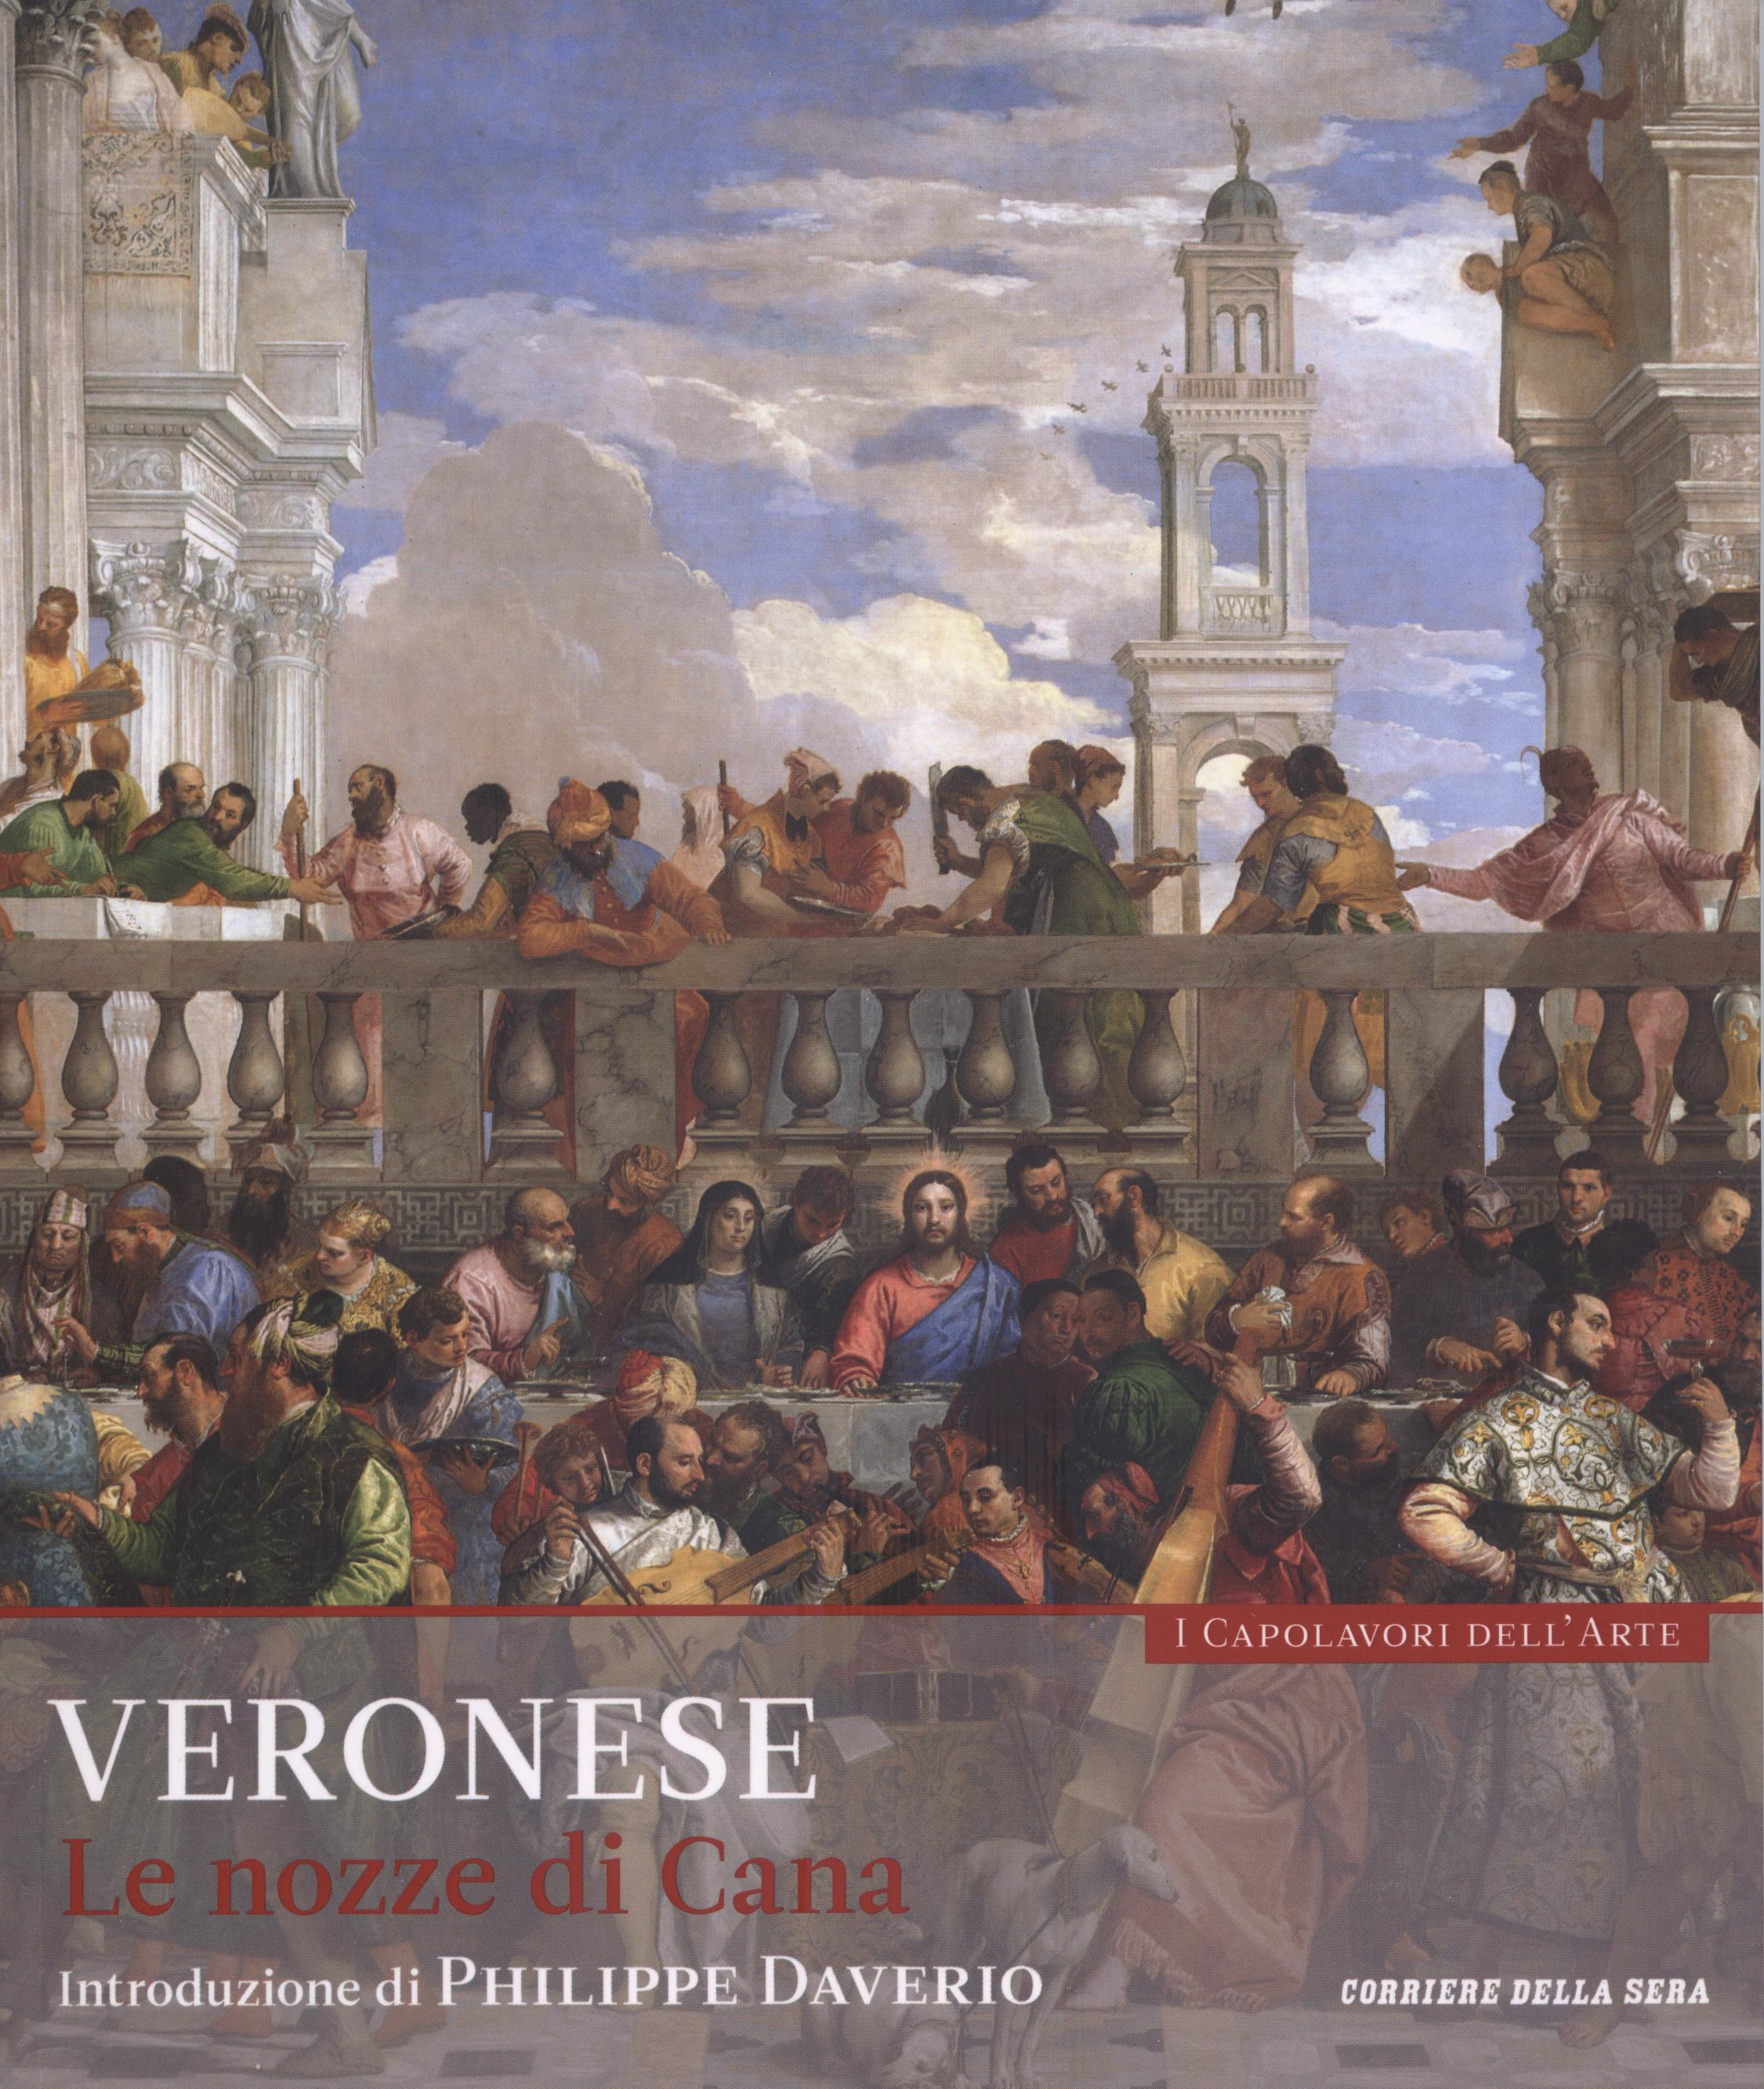 Veronese - Le nozze di Cana